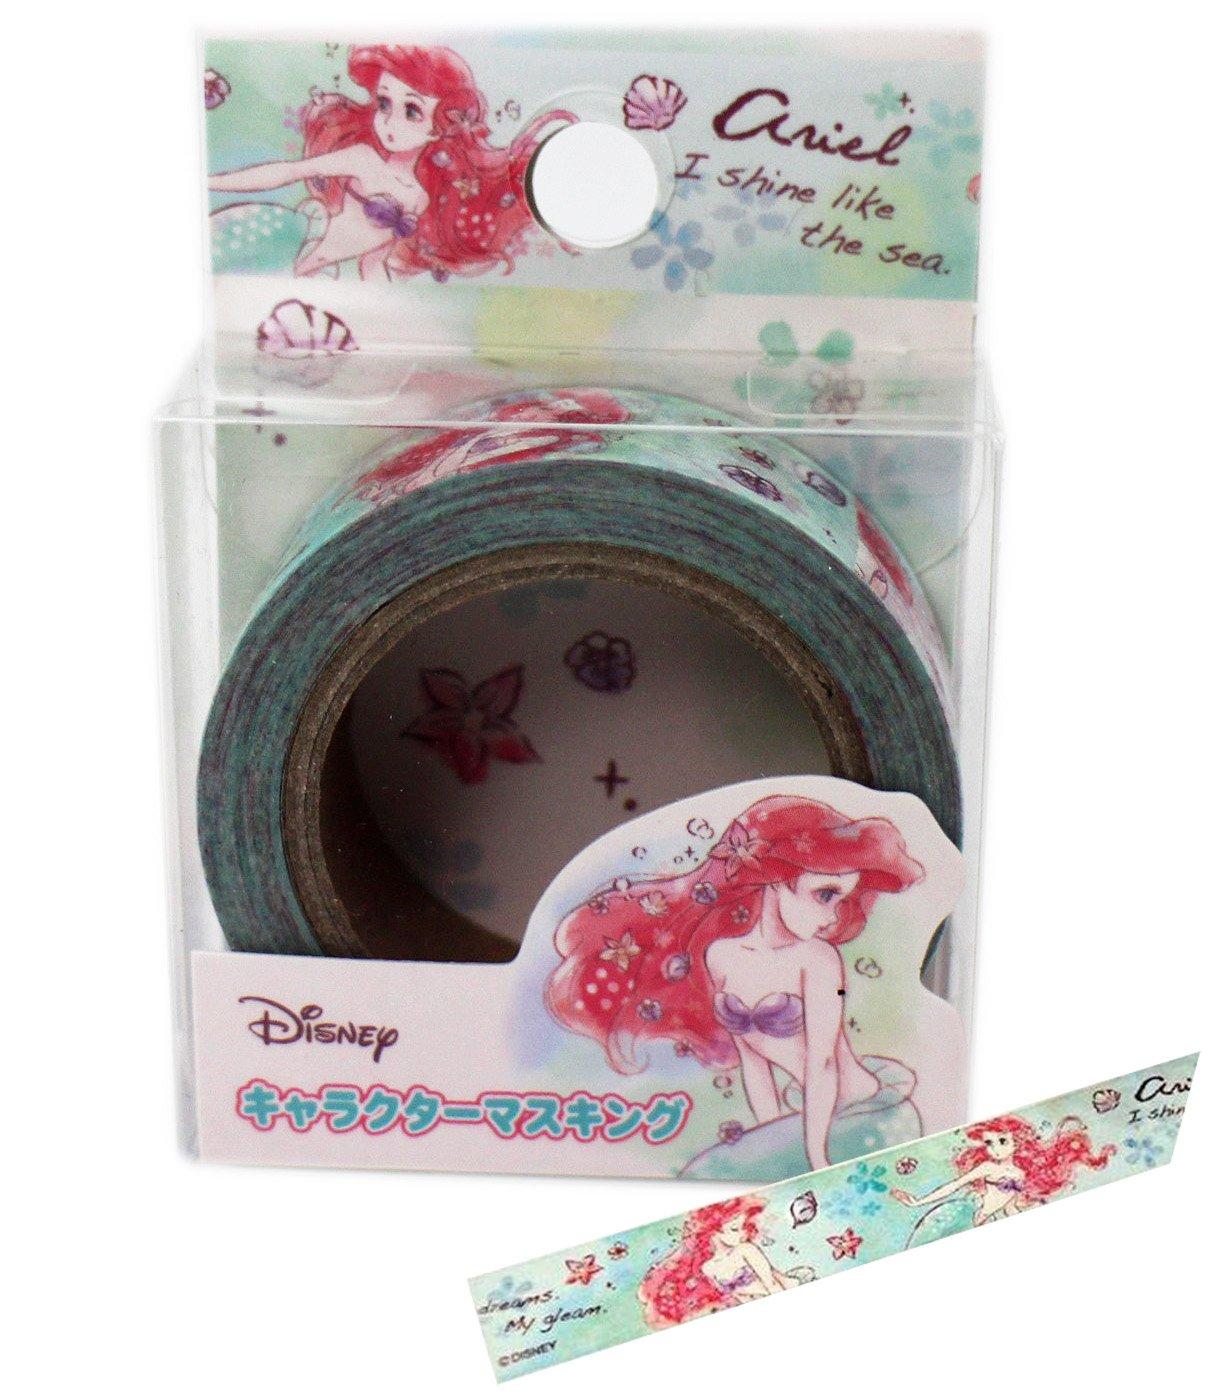 【卡漫迷】 小美人魚 紙膠帶 綠 ㊣版 mermaid 愛麗兒 Ariel 筆記本 貼紙 膠帶貼 包裝 貼 裝飾貼